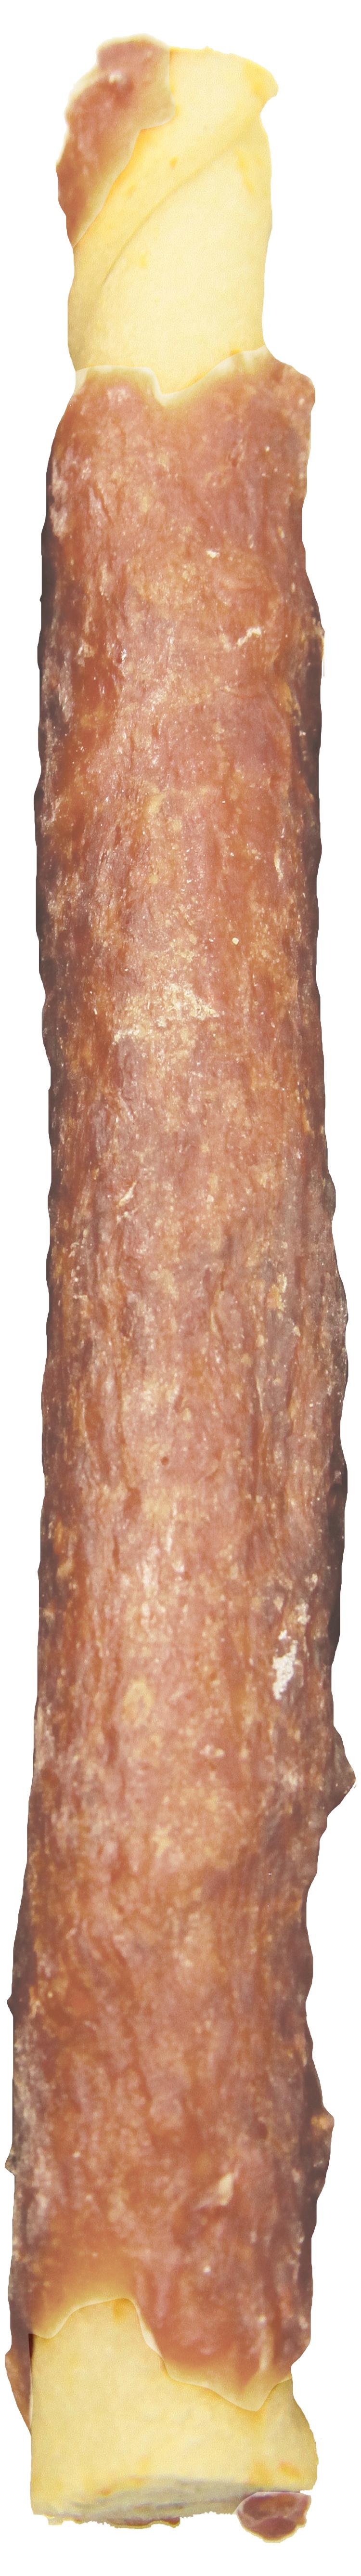 RASCO Prem. poch. 230g uzle byv. 6cm obalene kur.masom